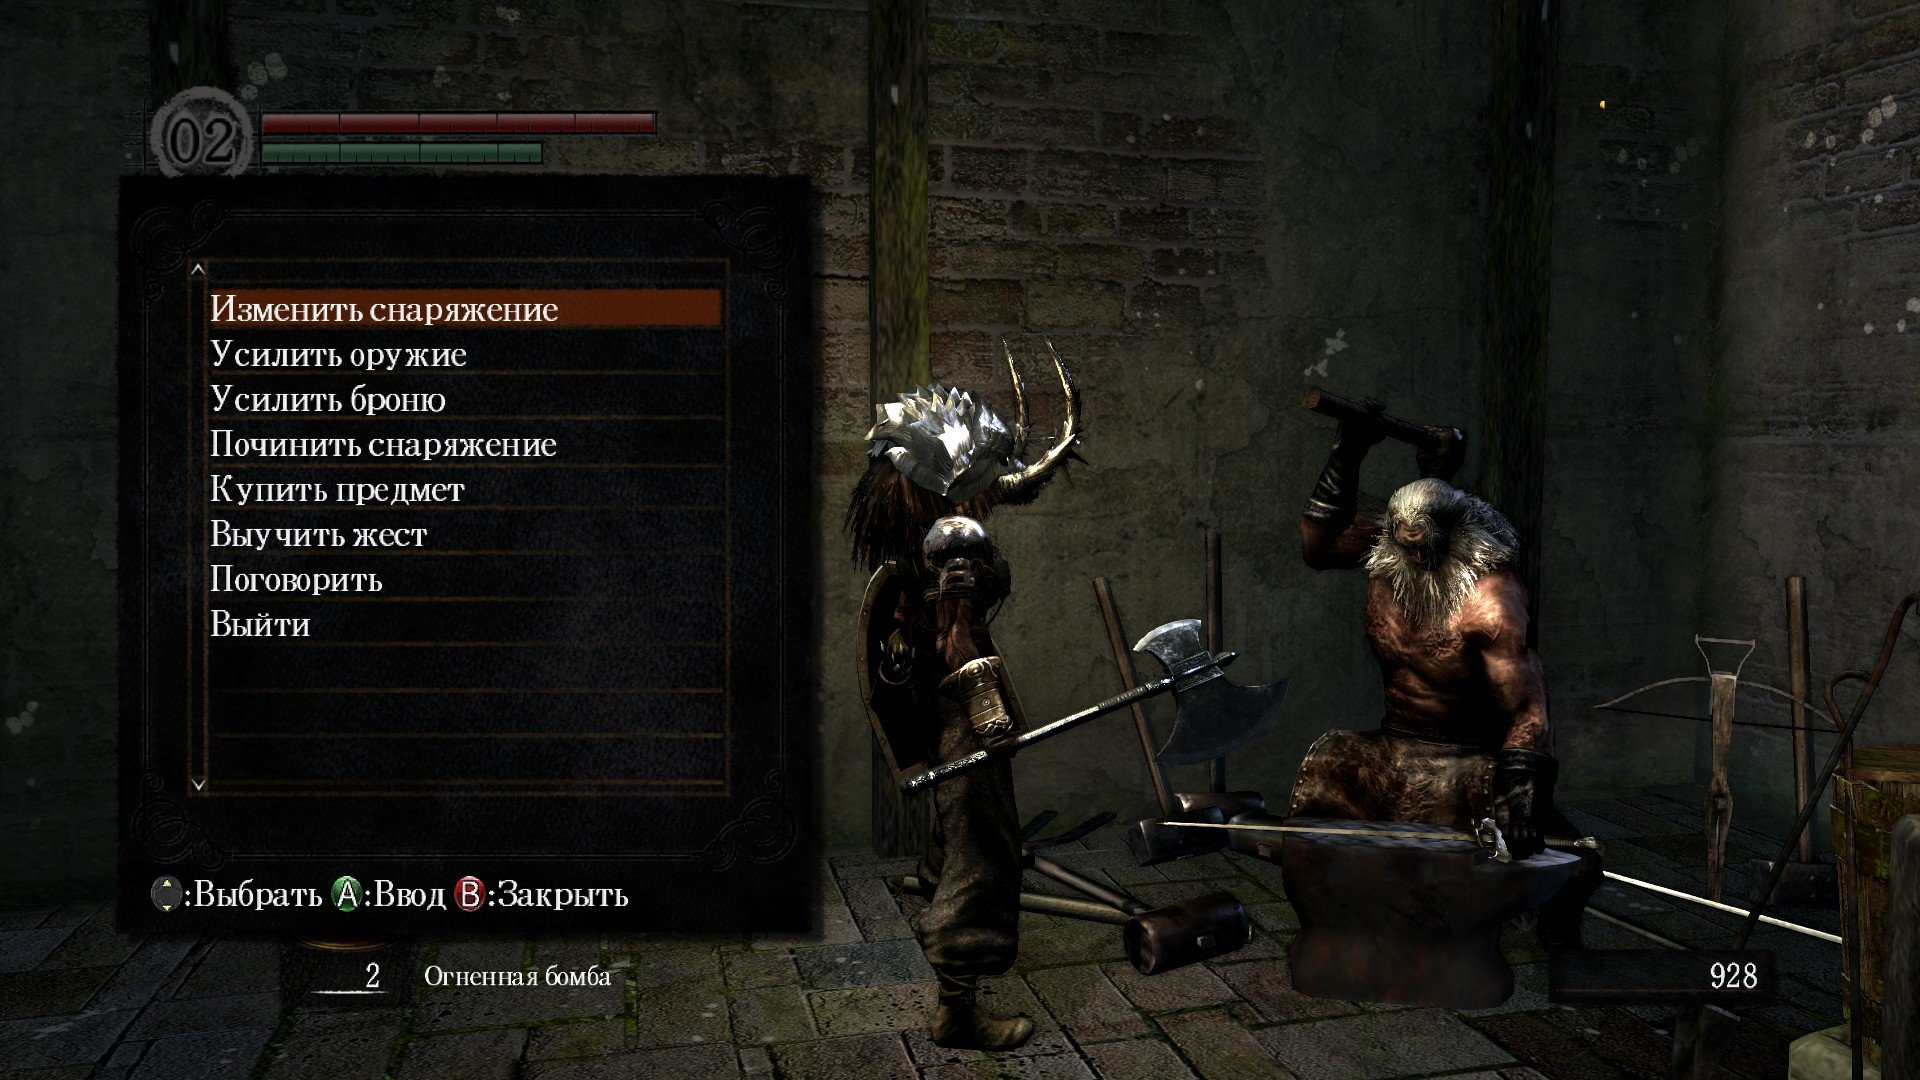 Вопль-прохождение Dark Souls часть 1 (ЗАПИСЬ) ... еще не решил, как это называть! - Изображение 14